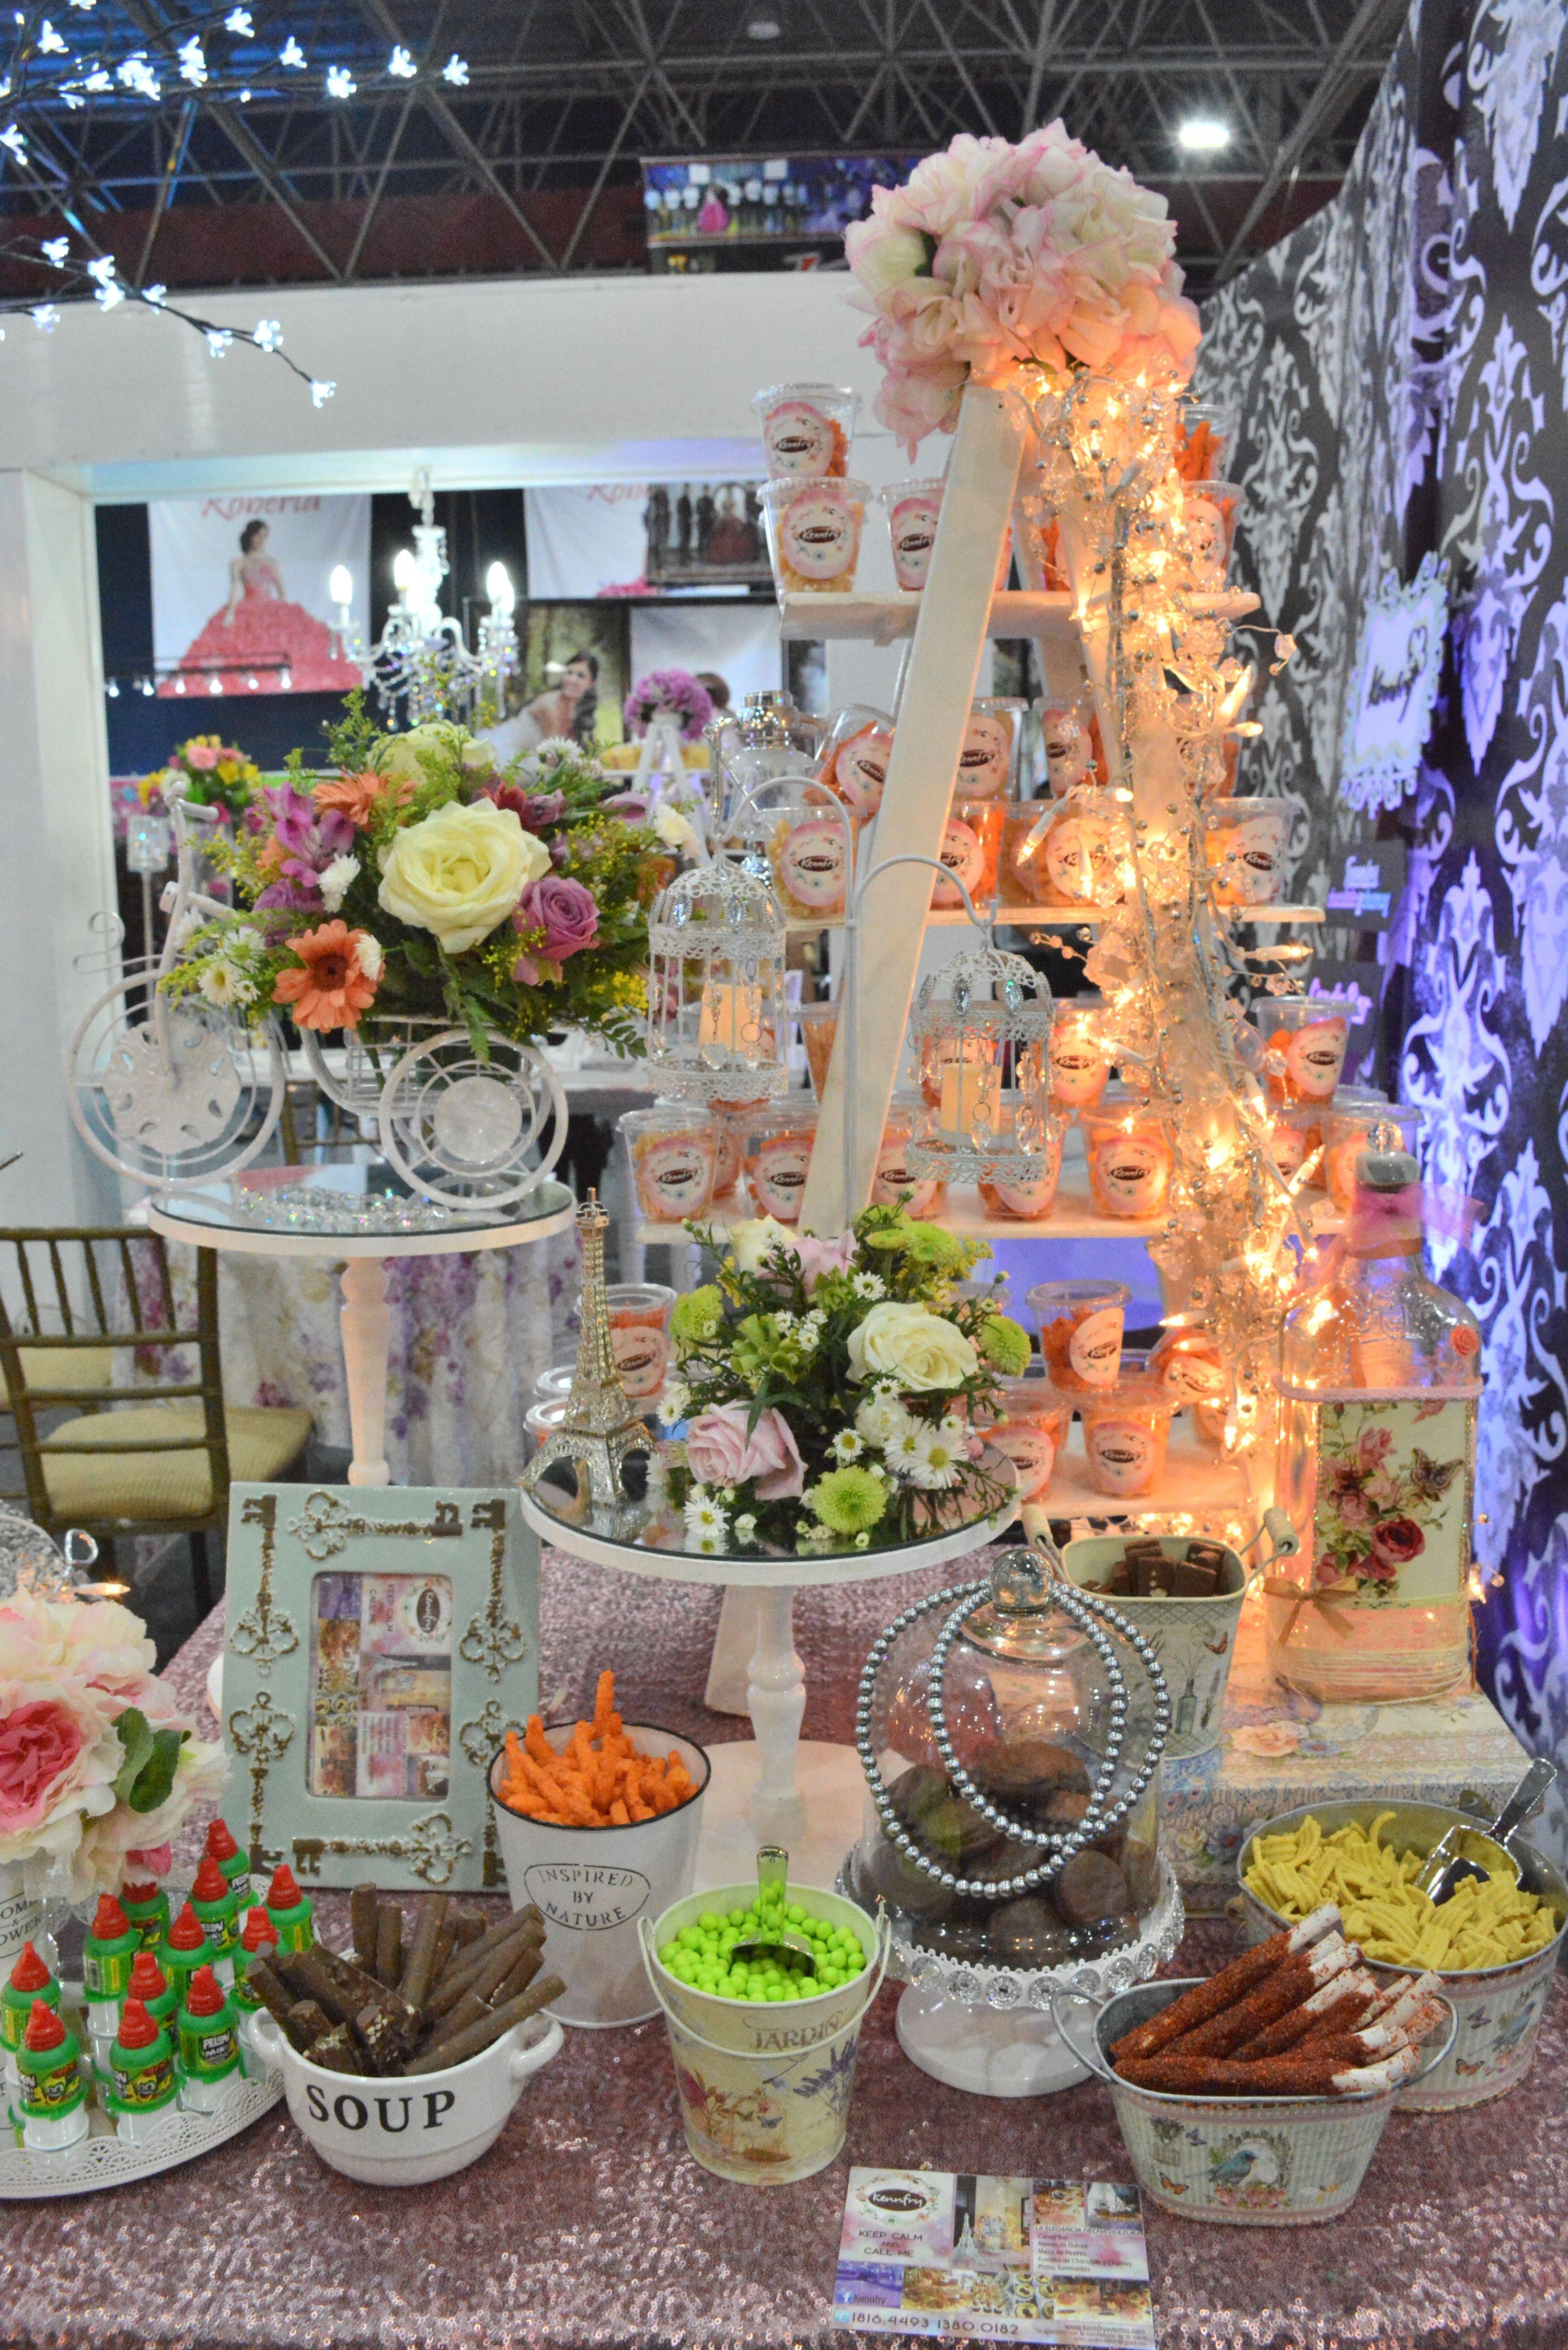 Mesa de Dulces para quince años #quinceaños #quince #XV #mesadedulces  #candy #expoquinceañera | Mesa de dulces, Mesa de dulces boda, Mesas dulces  vintage